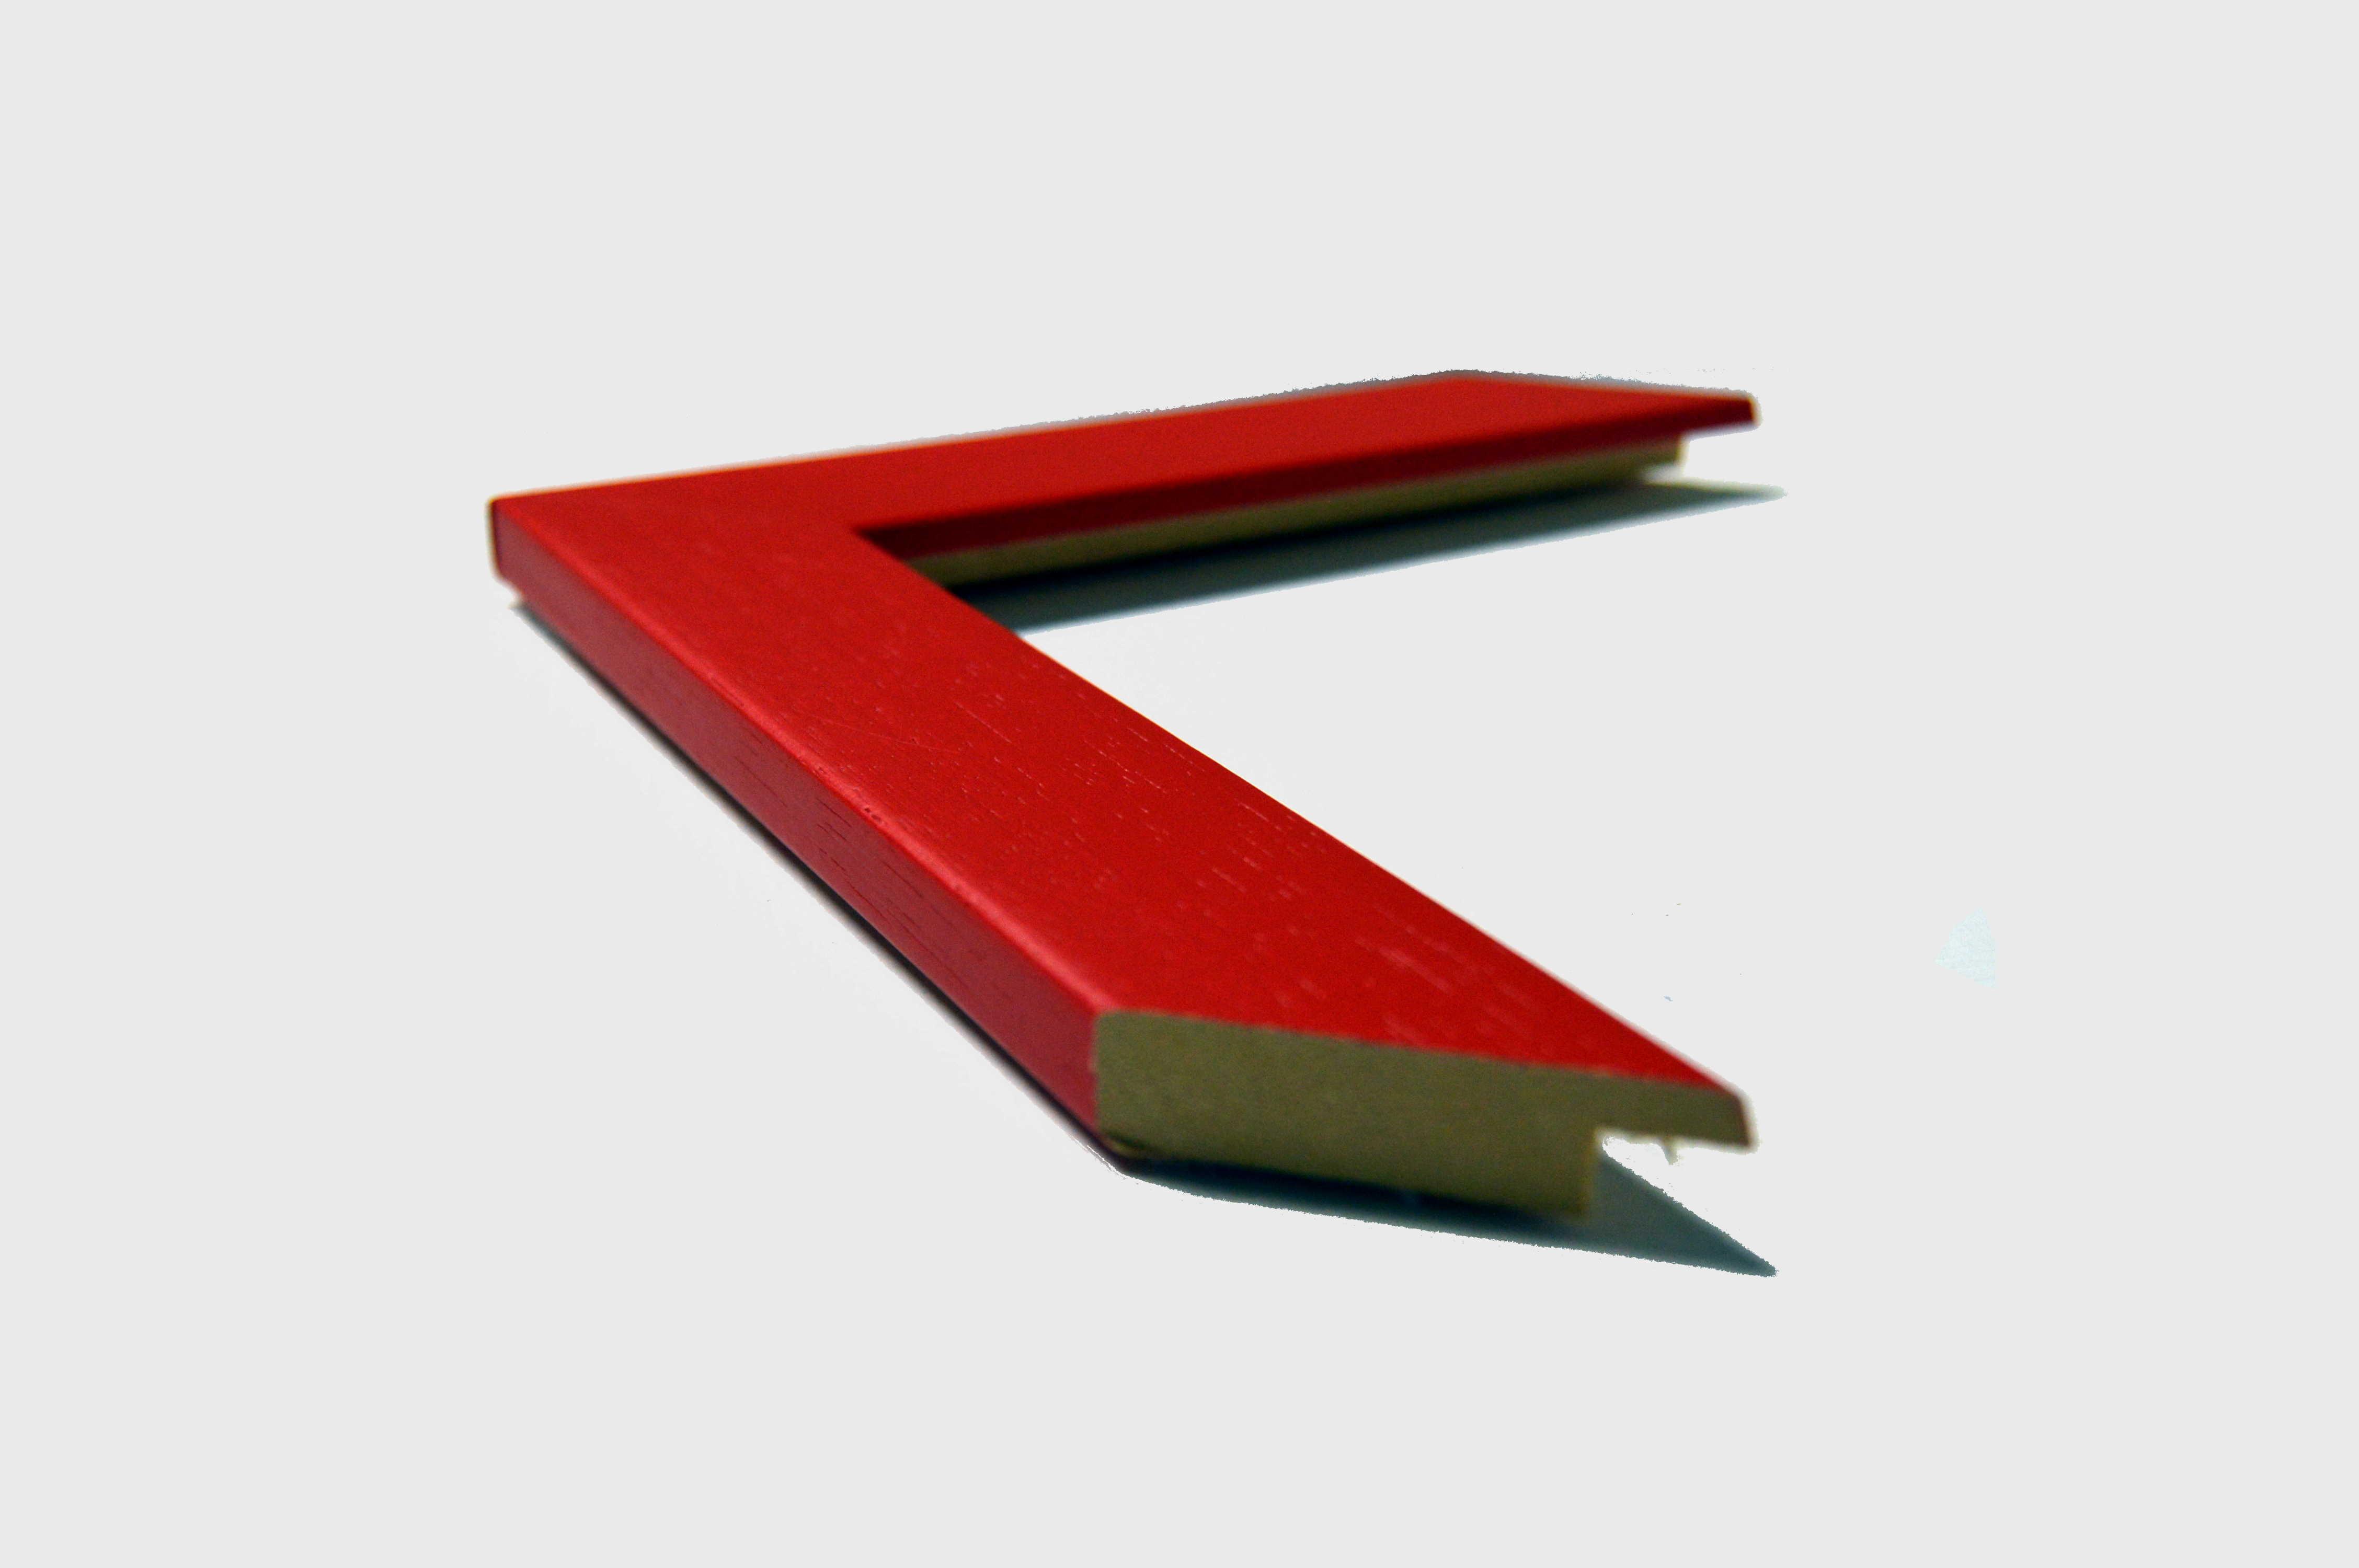 04002-ROJO-ancho3.4cm-perfil